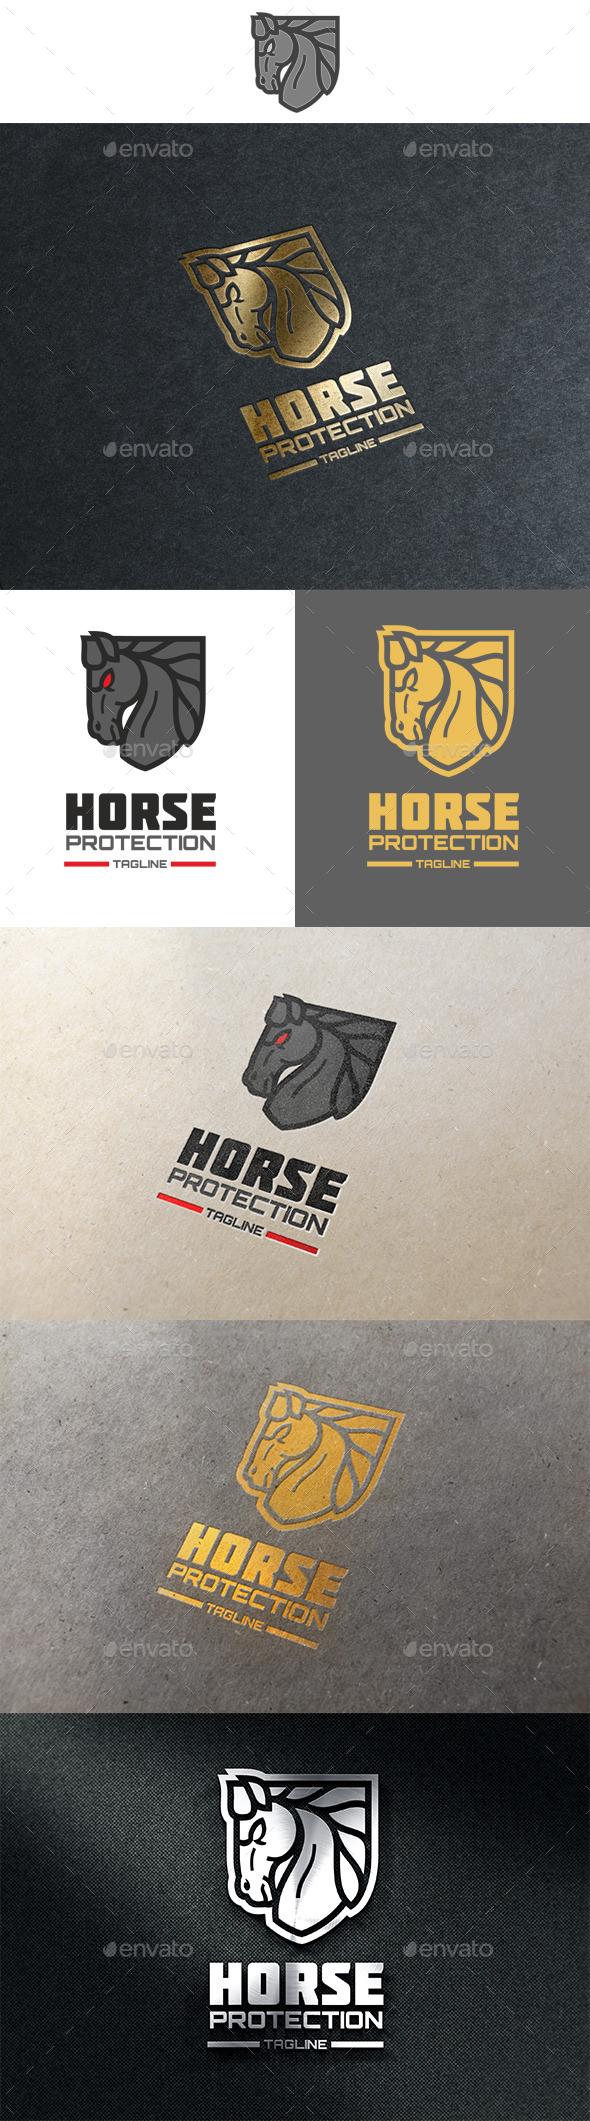 Horse Protection logo - Animals Logo Templates